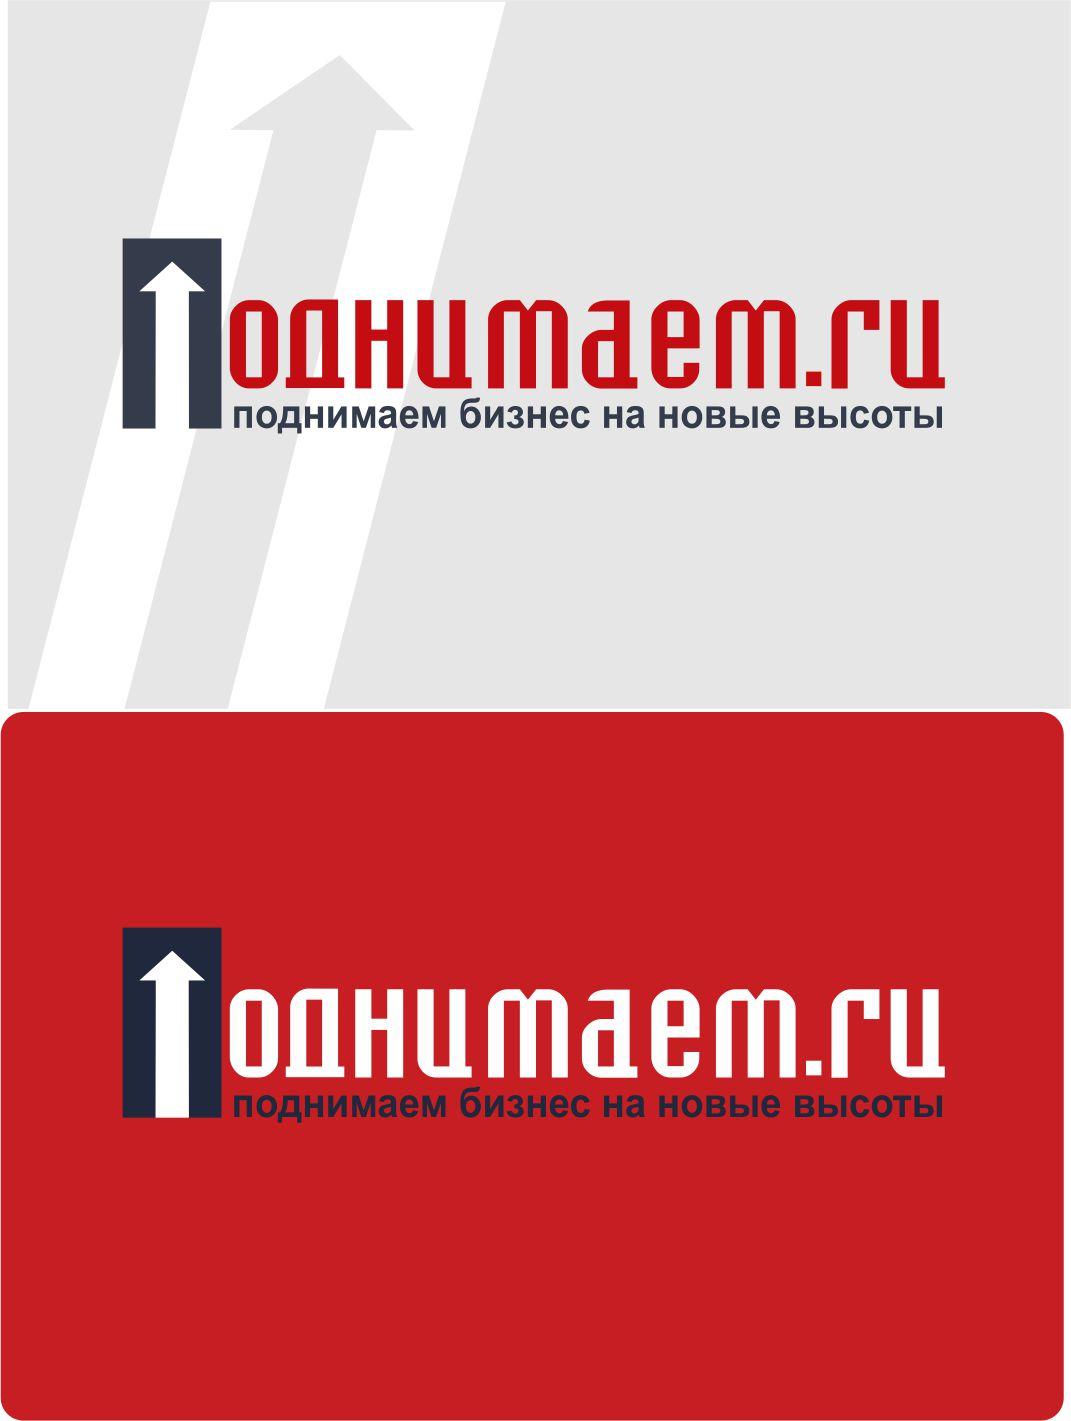 Разработать логотип + визитку + логотип для печати ООО +++ фото f_80055464de6bb750.jpg